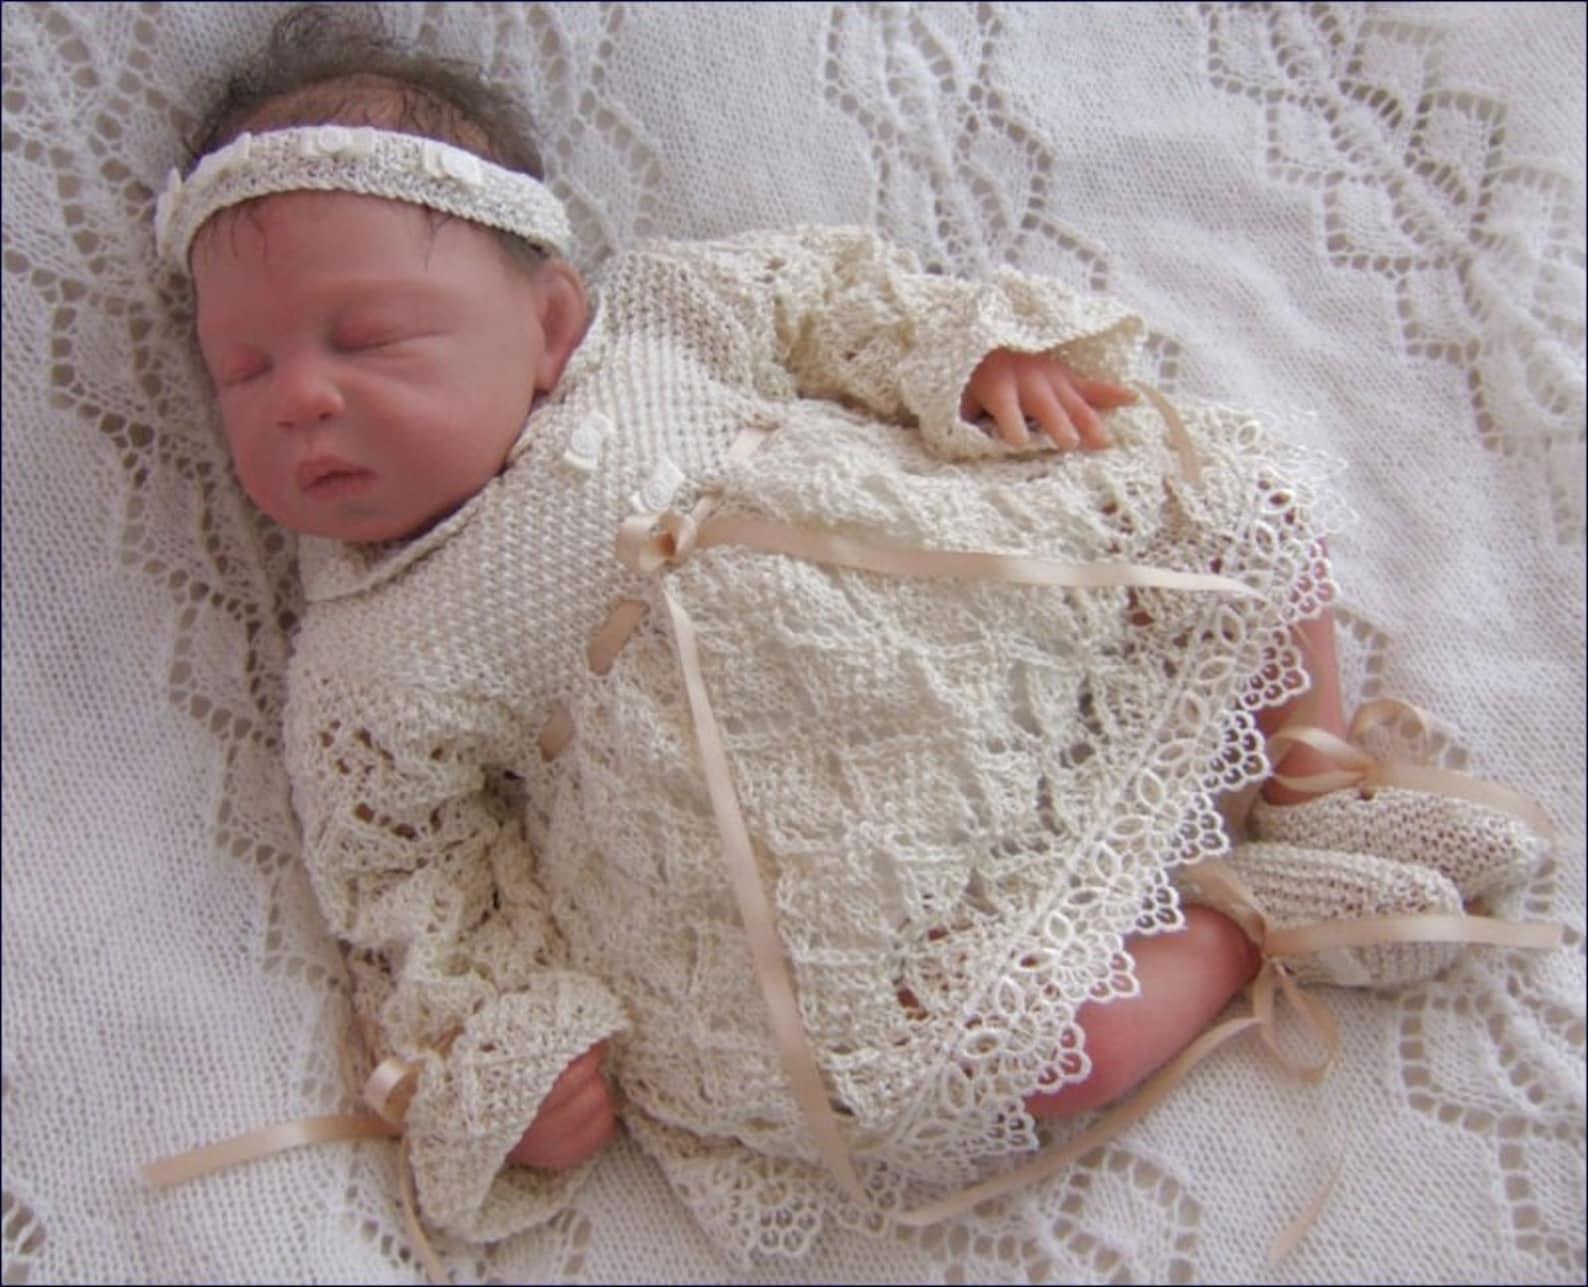 baby knitting pattern - girls download pdf knitting pattern - reborn doll knitting patterns dress, headband & ballet shoes